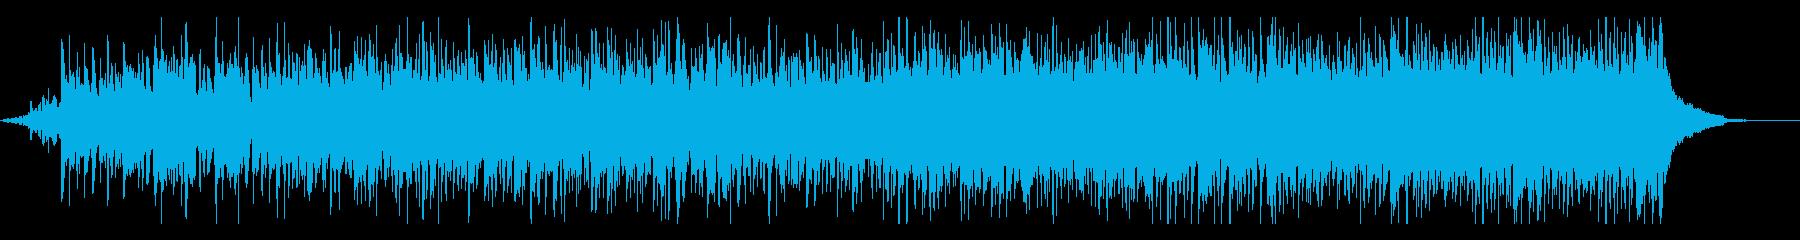 伝統的で陽気なフォークミュージックの再生済みの波形